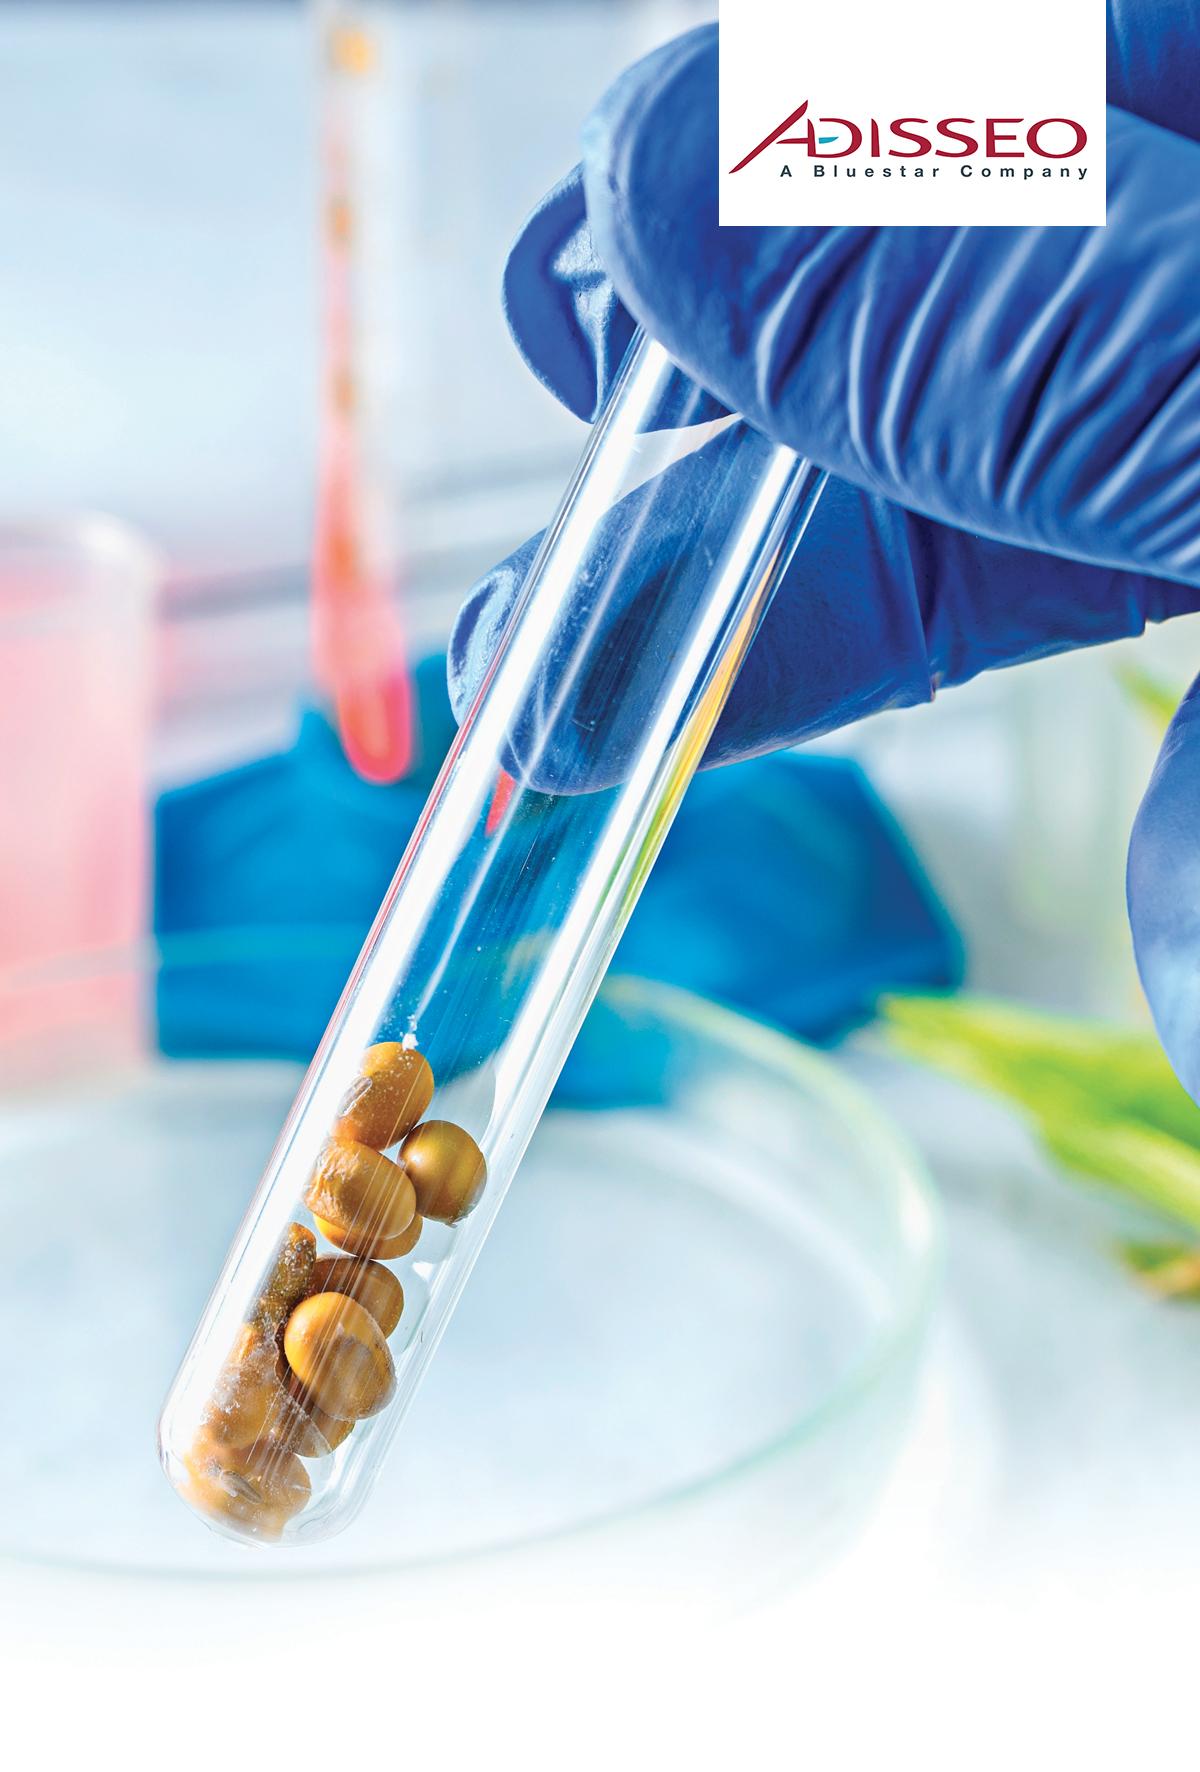 Kısa Rapor: DL-OH-Metiyoninin yüzde yüz etkin olduğu 1 milyondan fazla hayvan tarafından onaylandı